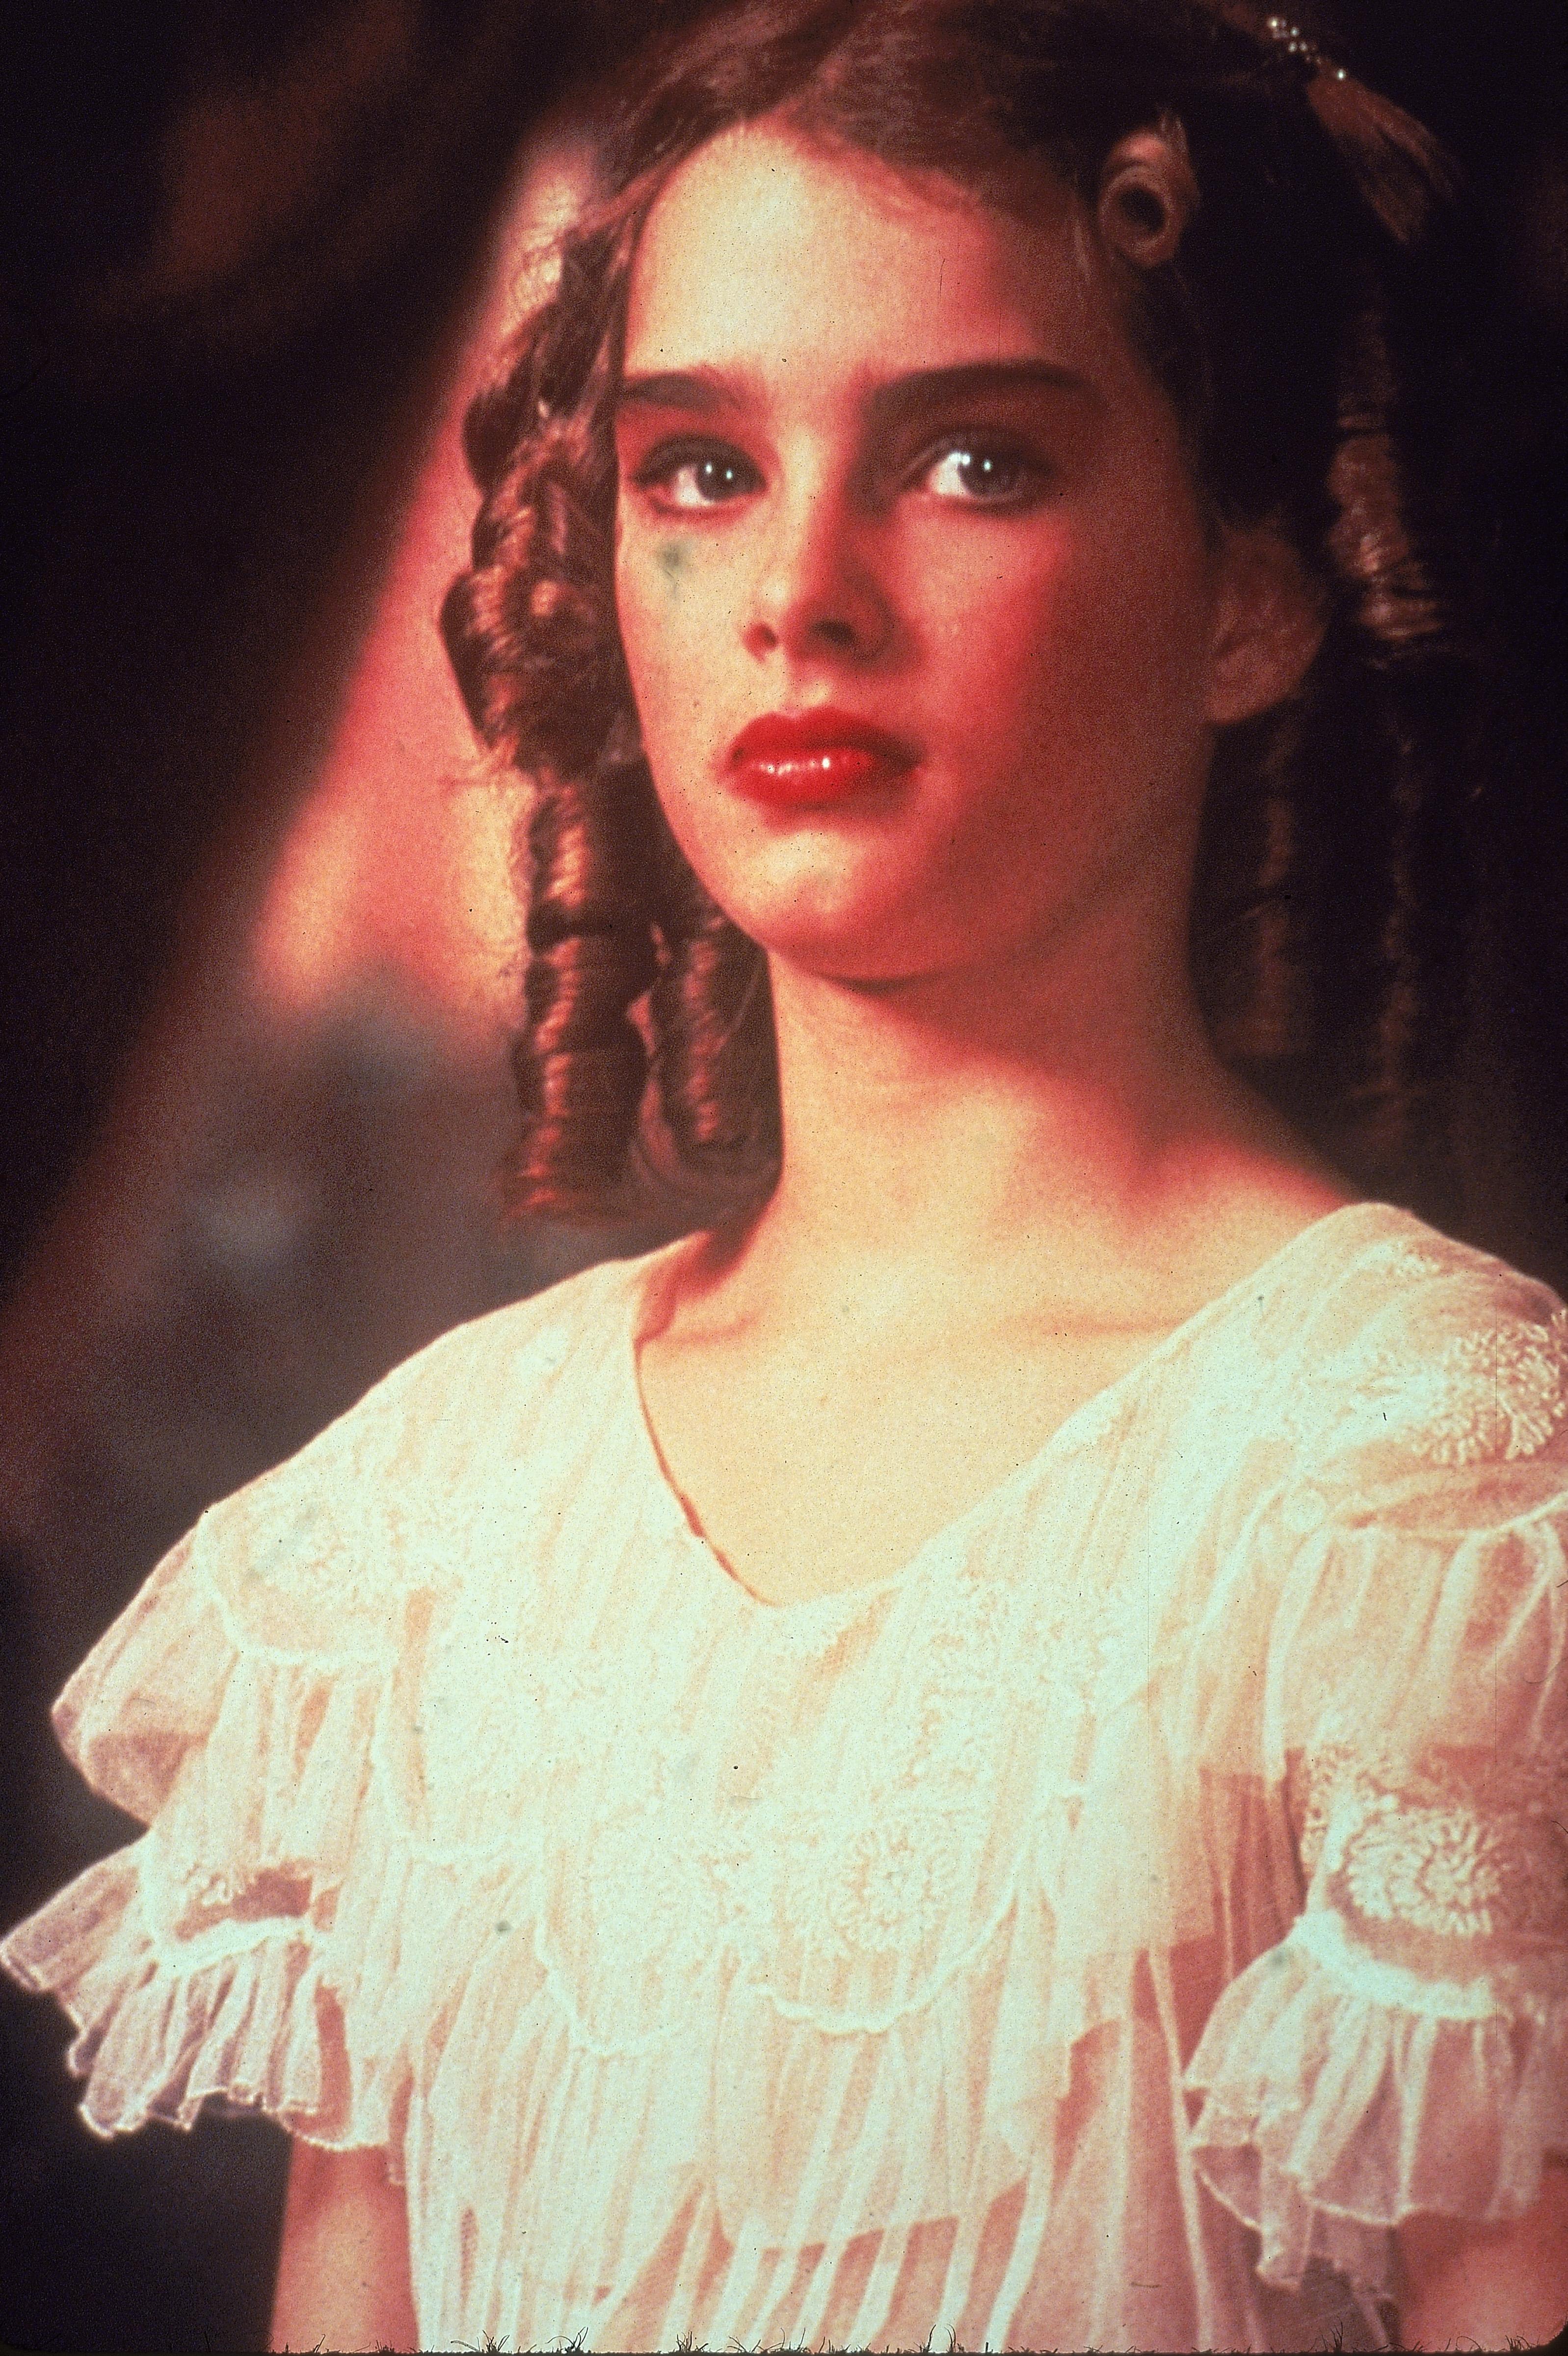 Brooke Shields in Pretty Baby (1978)